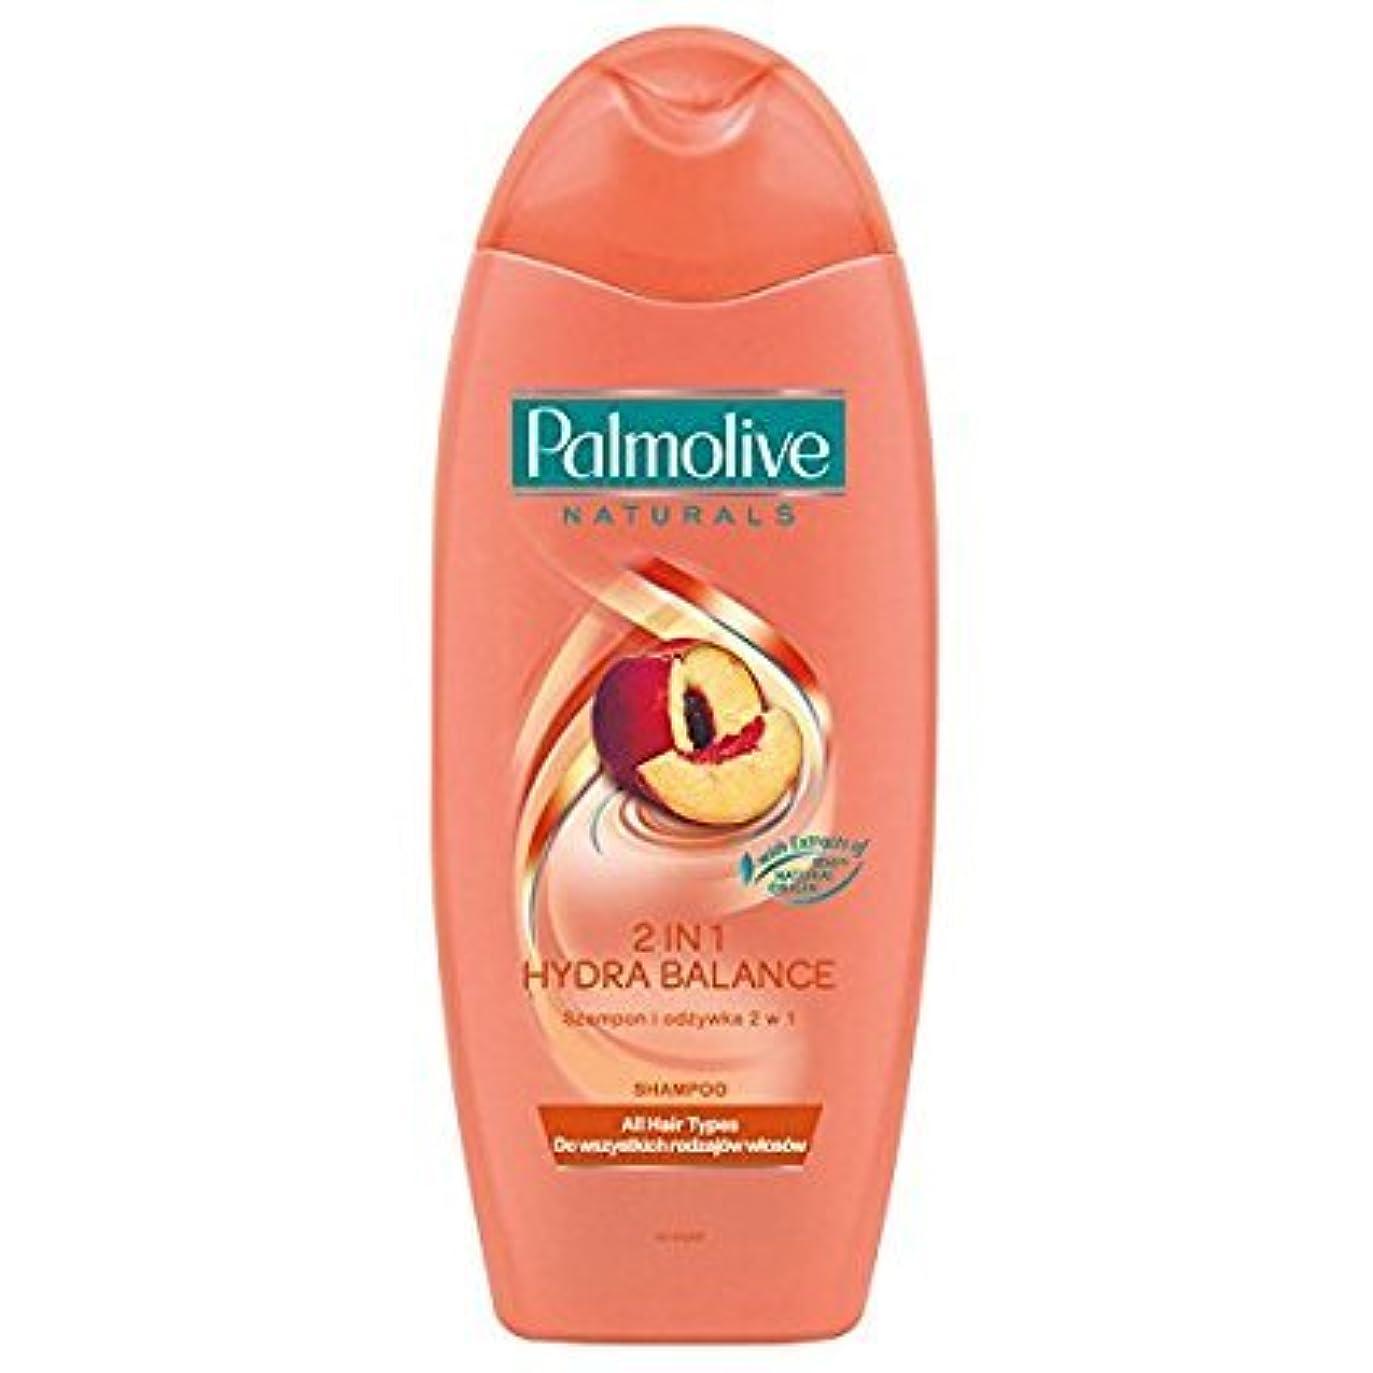 ペストリーアクセスできない特定のPalmolive Naturals Shampoo & Conditioner パルモティブシャンプーWコンディショナー ハイドロバランス 350ml [並行輸入品]